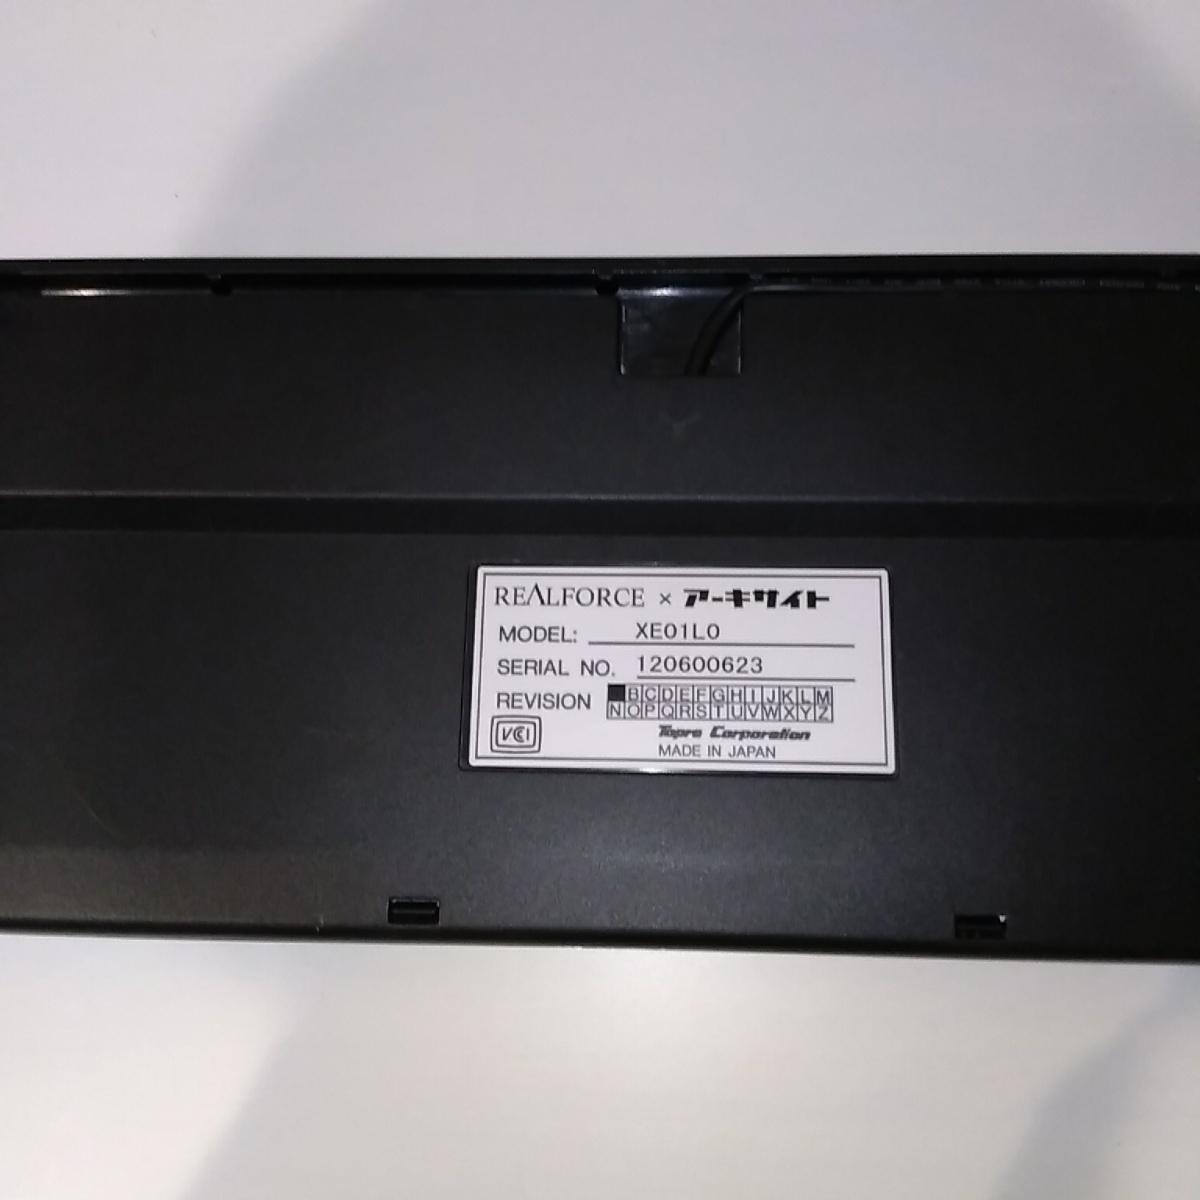 ★即決★ 静電容量無接点方式 REALFORCE 東プレ×アーキサイト 黒モデル フルキーボード XE01L0_画像2